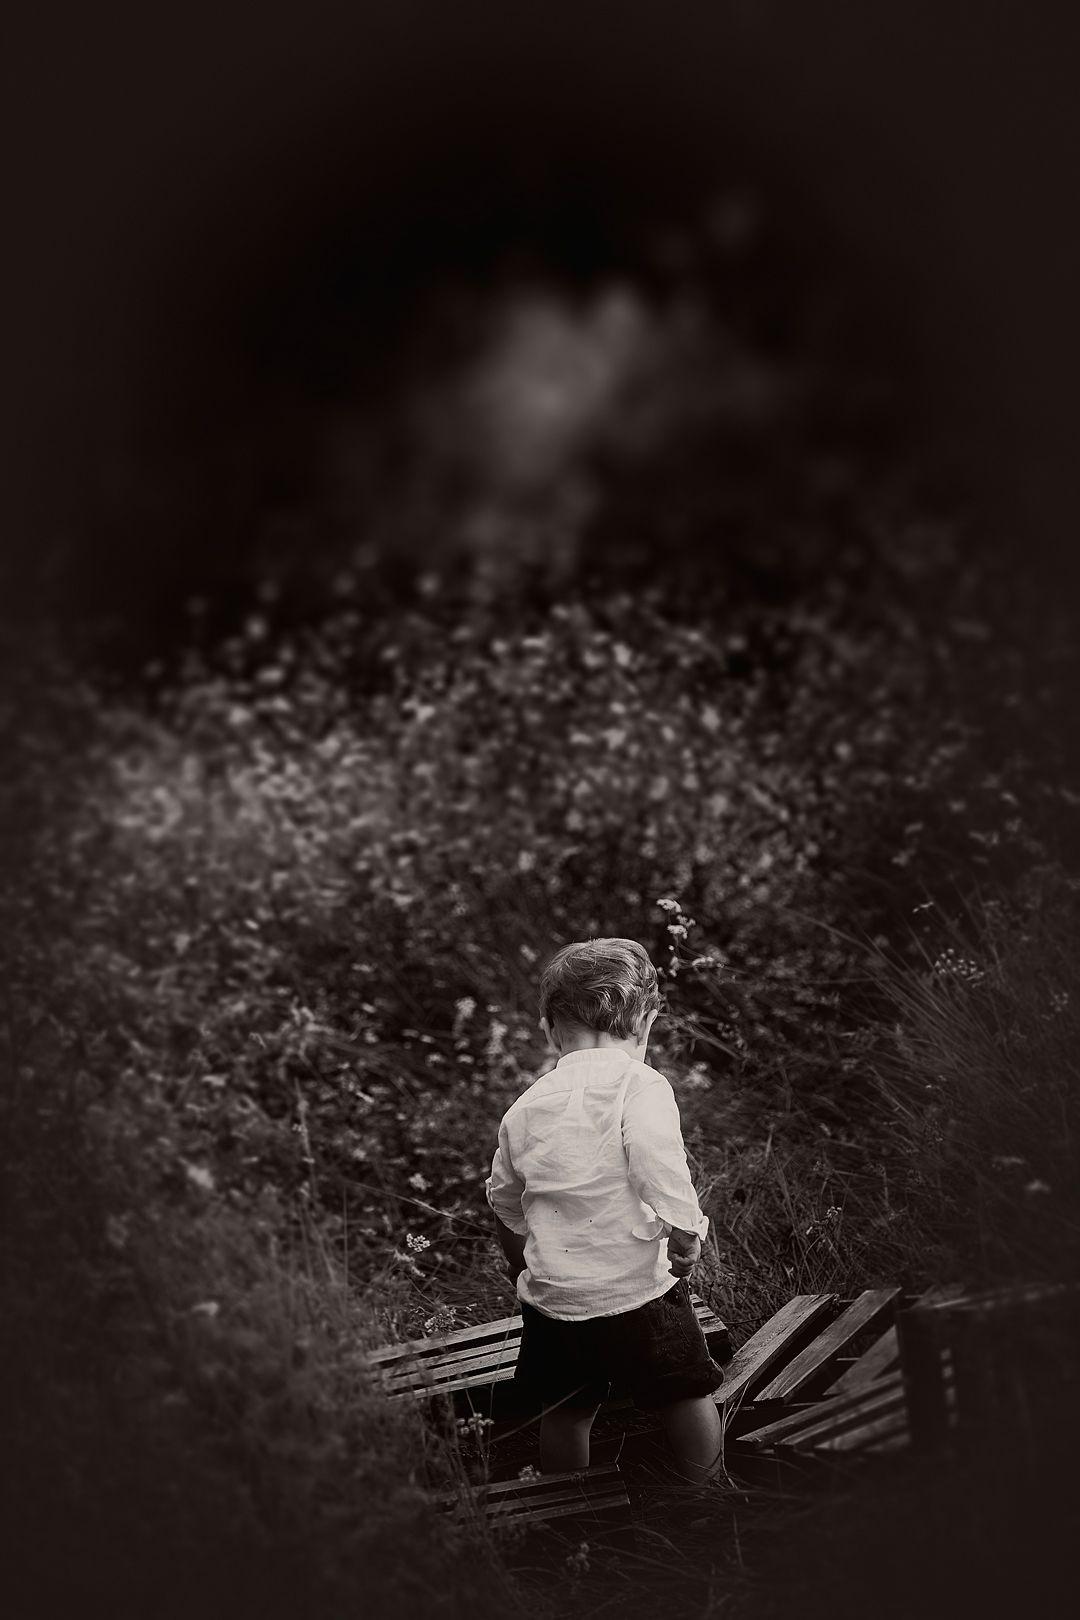 Fotografía-en-blanco-y-negro-en-exteriores.